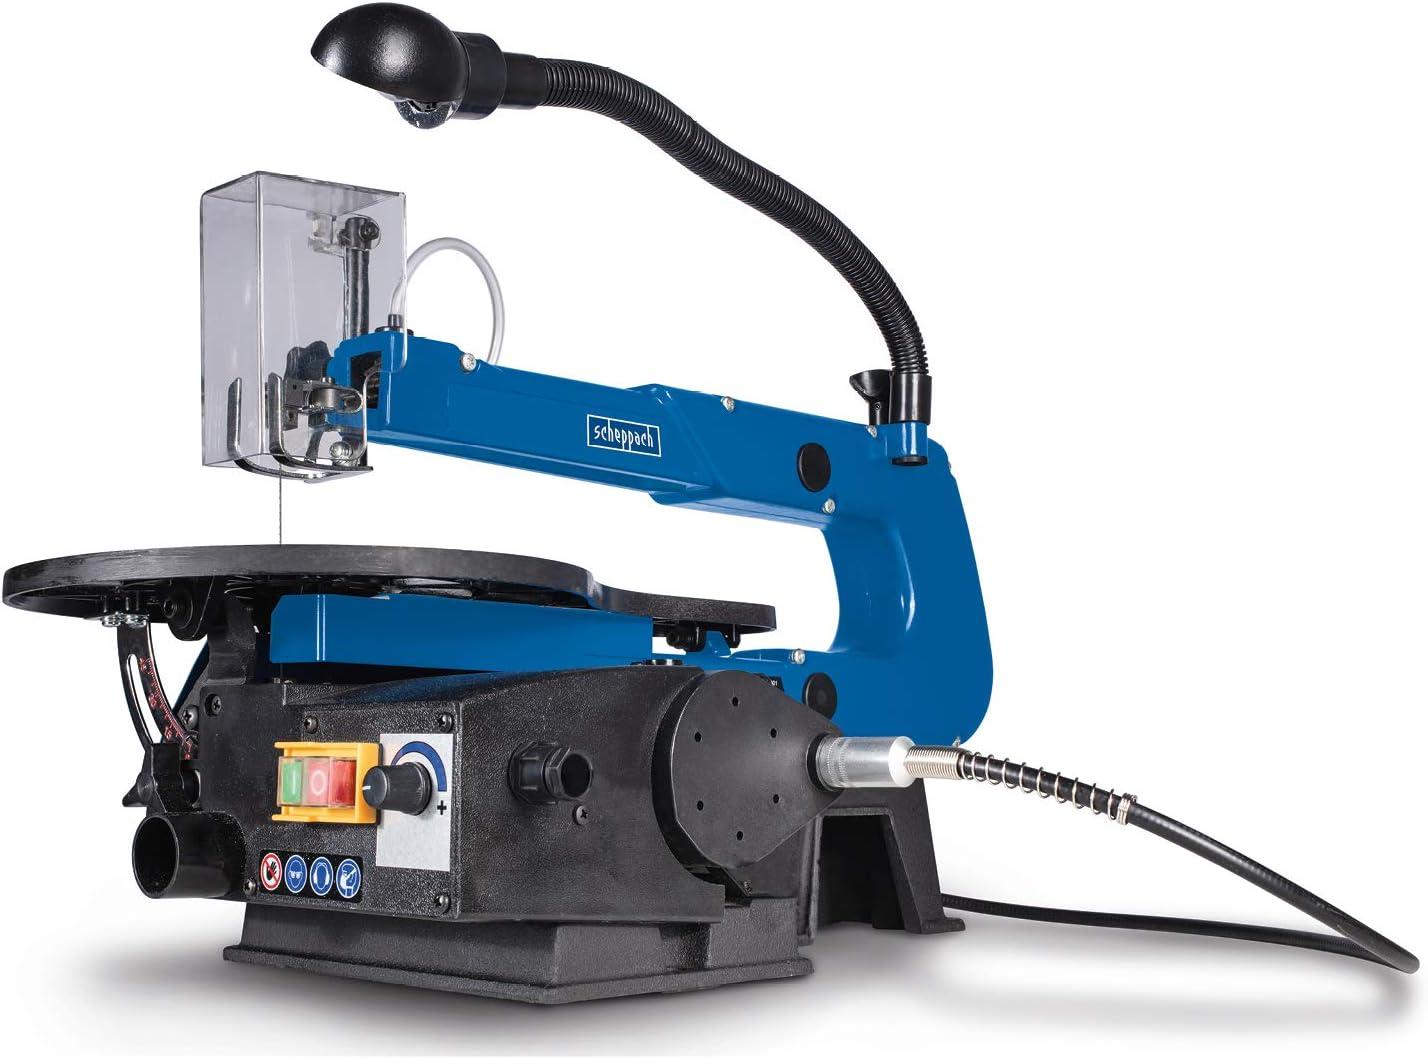 SCHEPPACH Deco-Flex Sierra de Marquetería con Velocidad Variable (550-1600rpm),Soplador, Luz de trabajo y potente motor de 125W, Azul